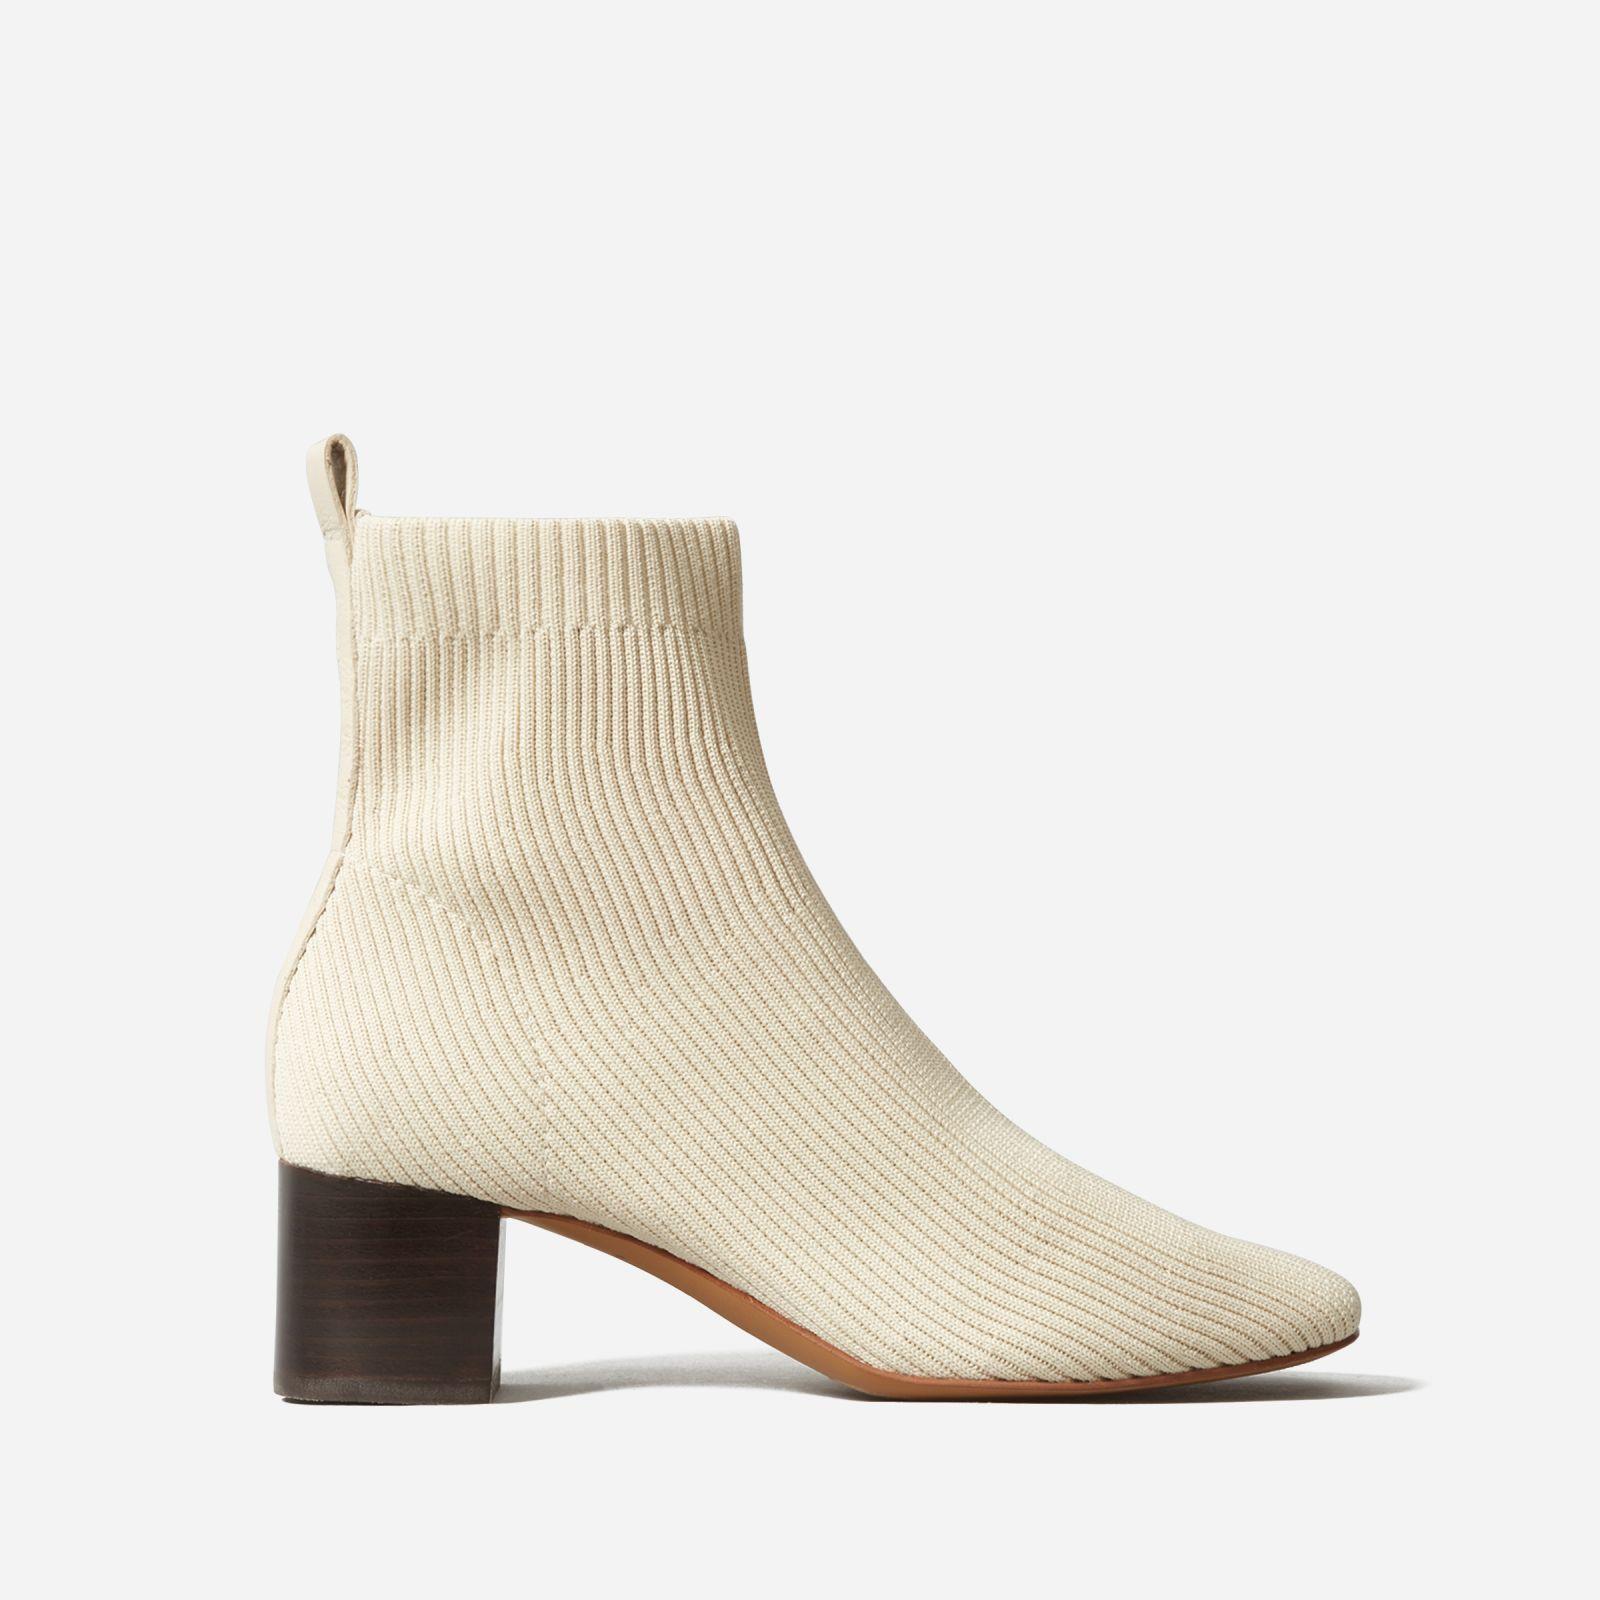 Women's Glove Boot ReKnit in Bone